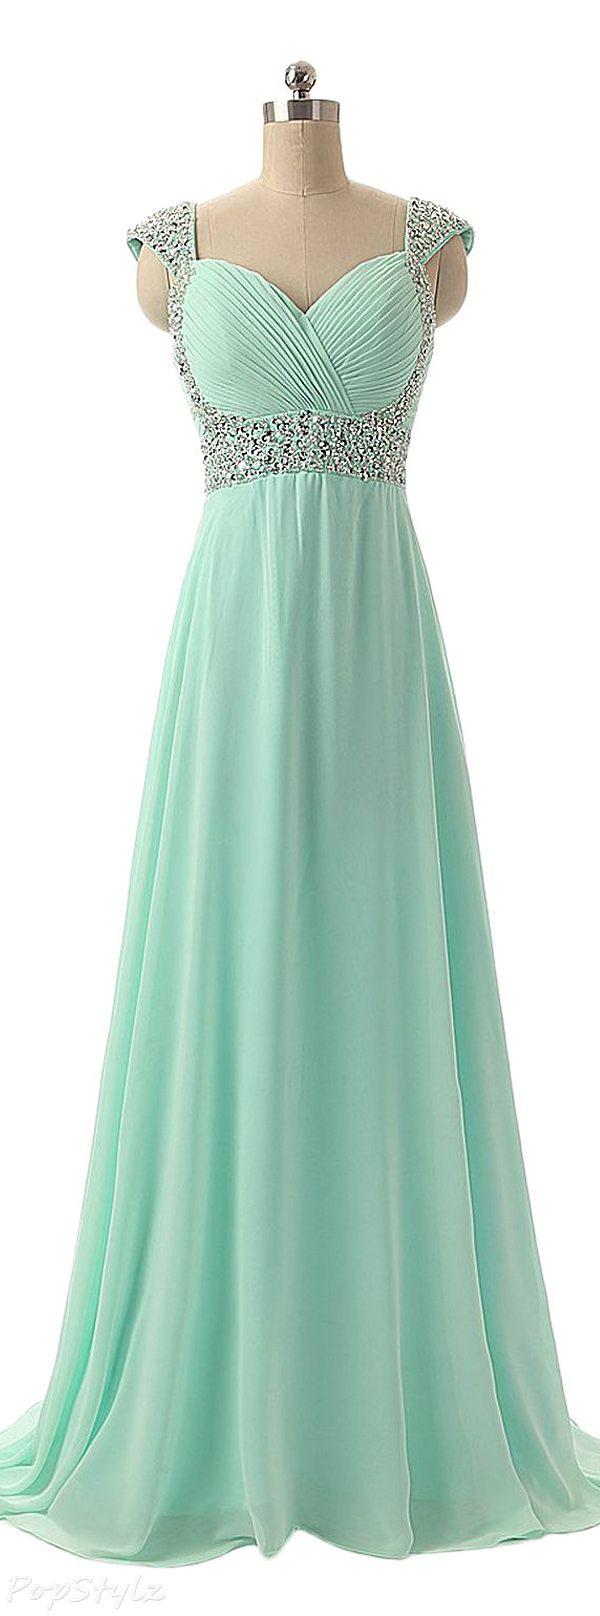 124 best Mis vestidos images on Pinterest   Dress skirt, Feminine ...